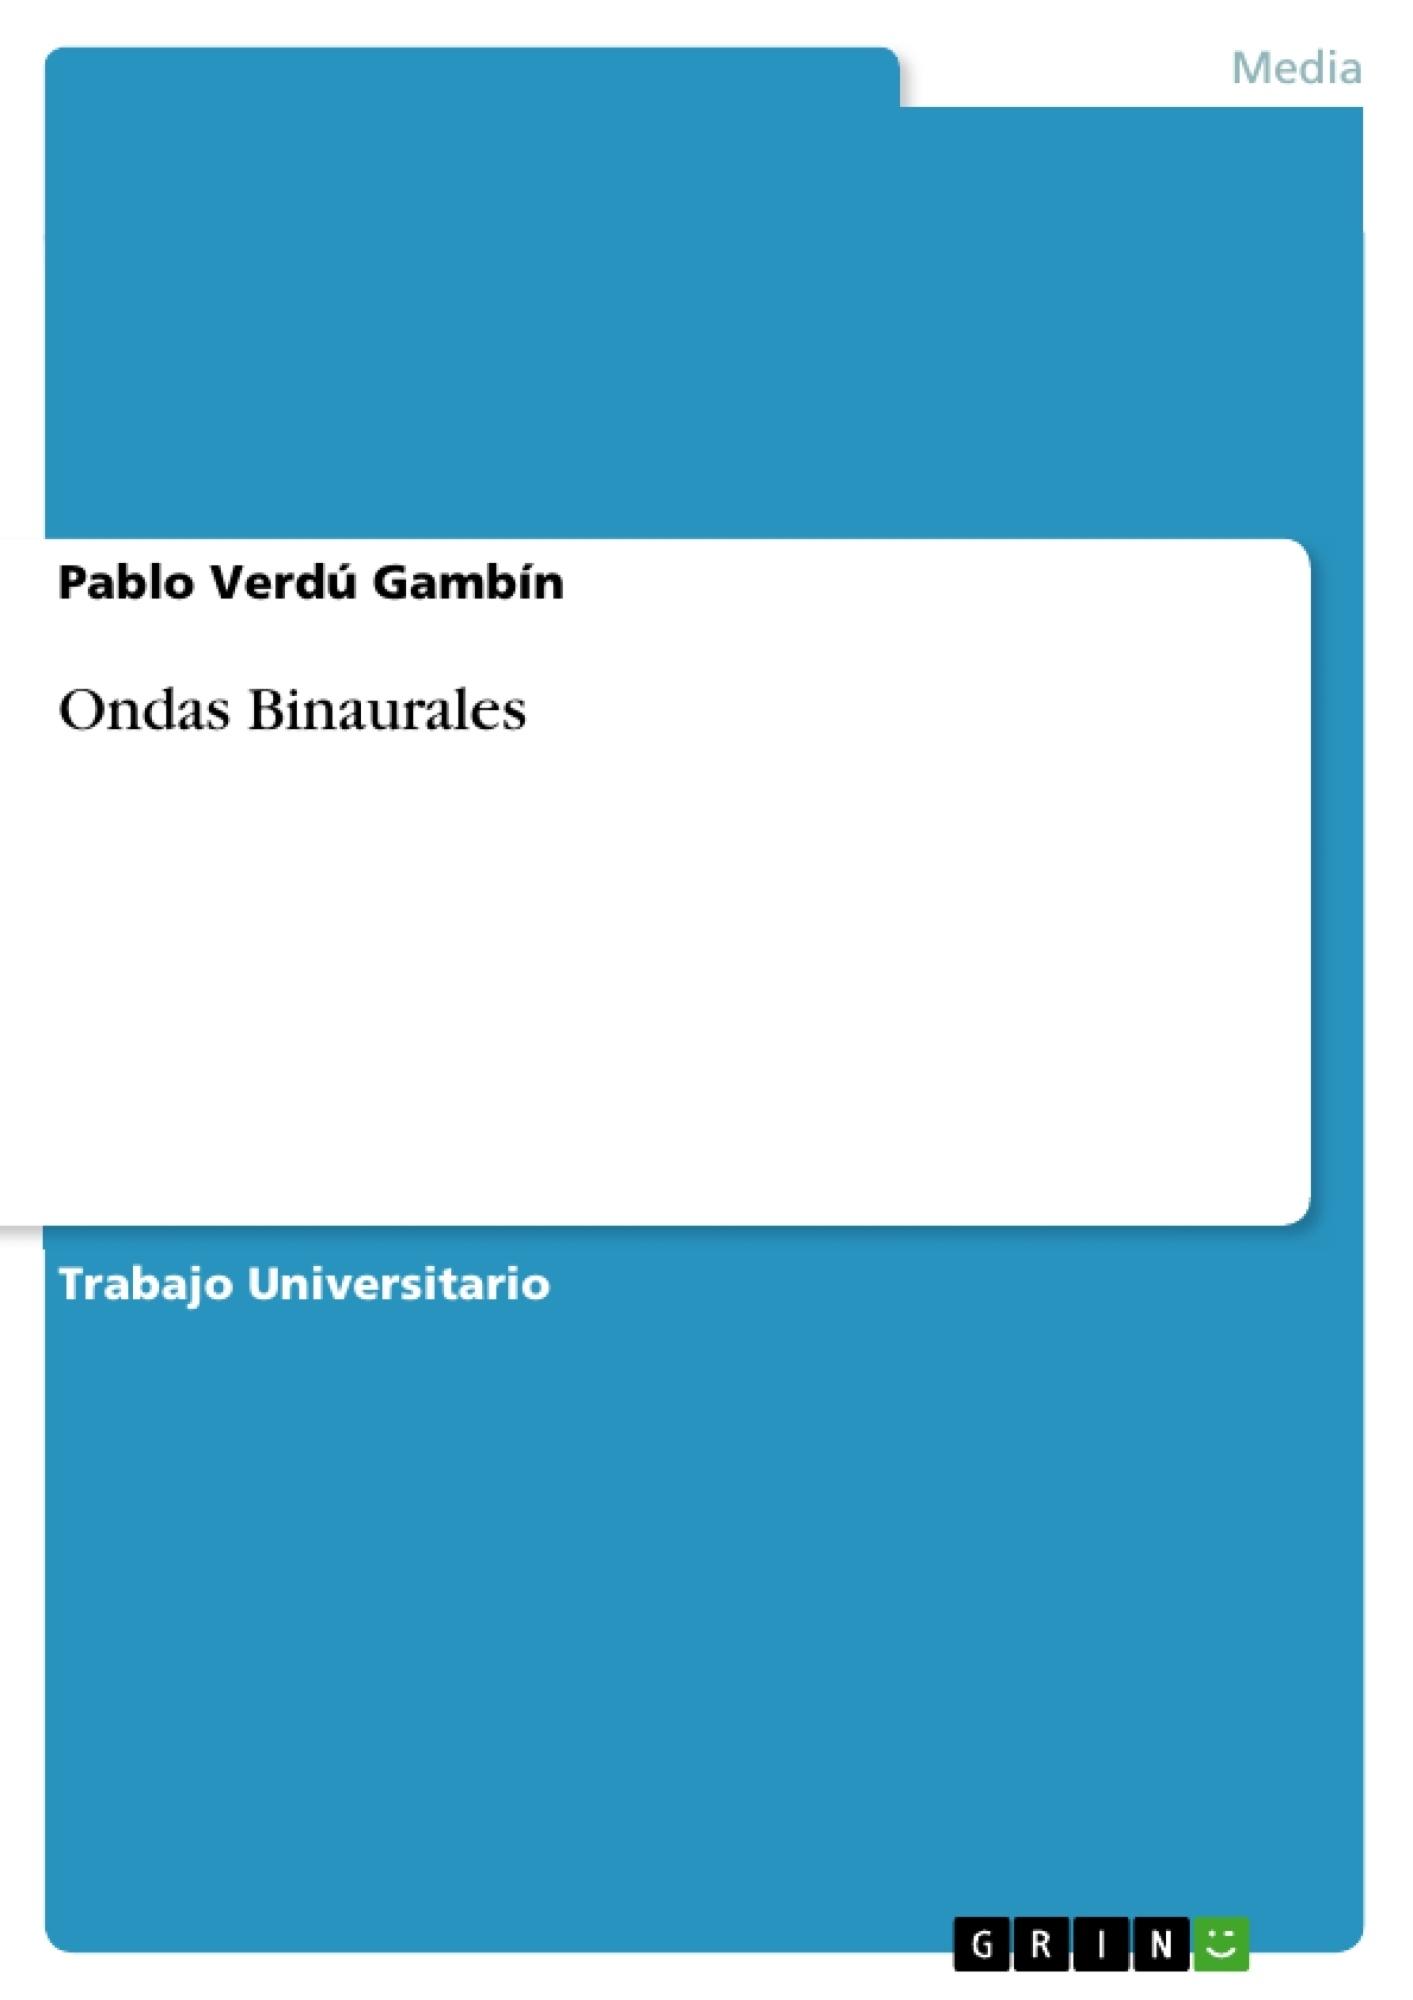 Título: Ondas Binaurales